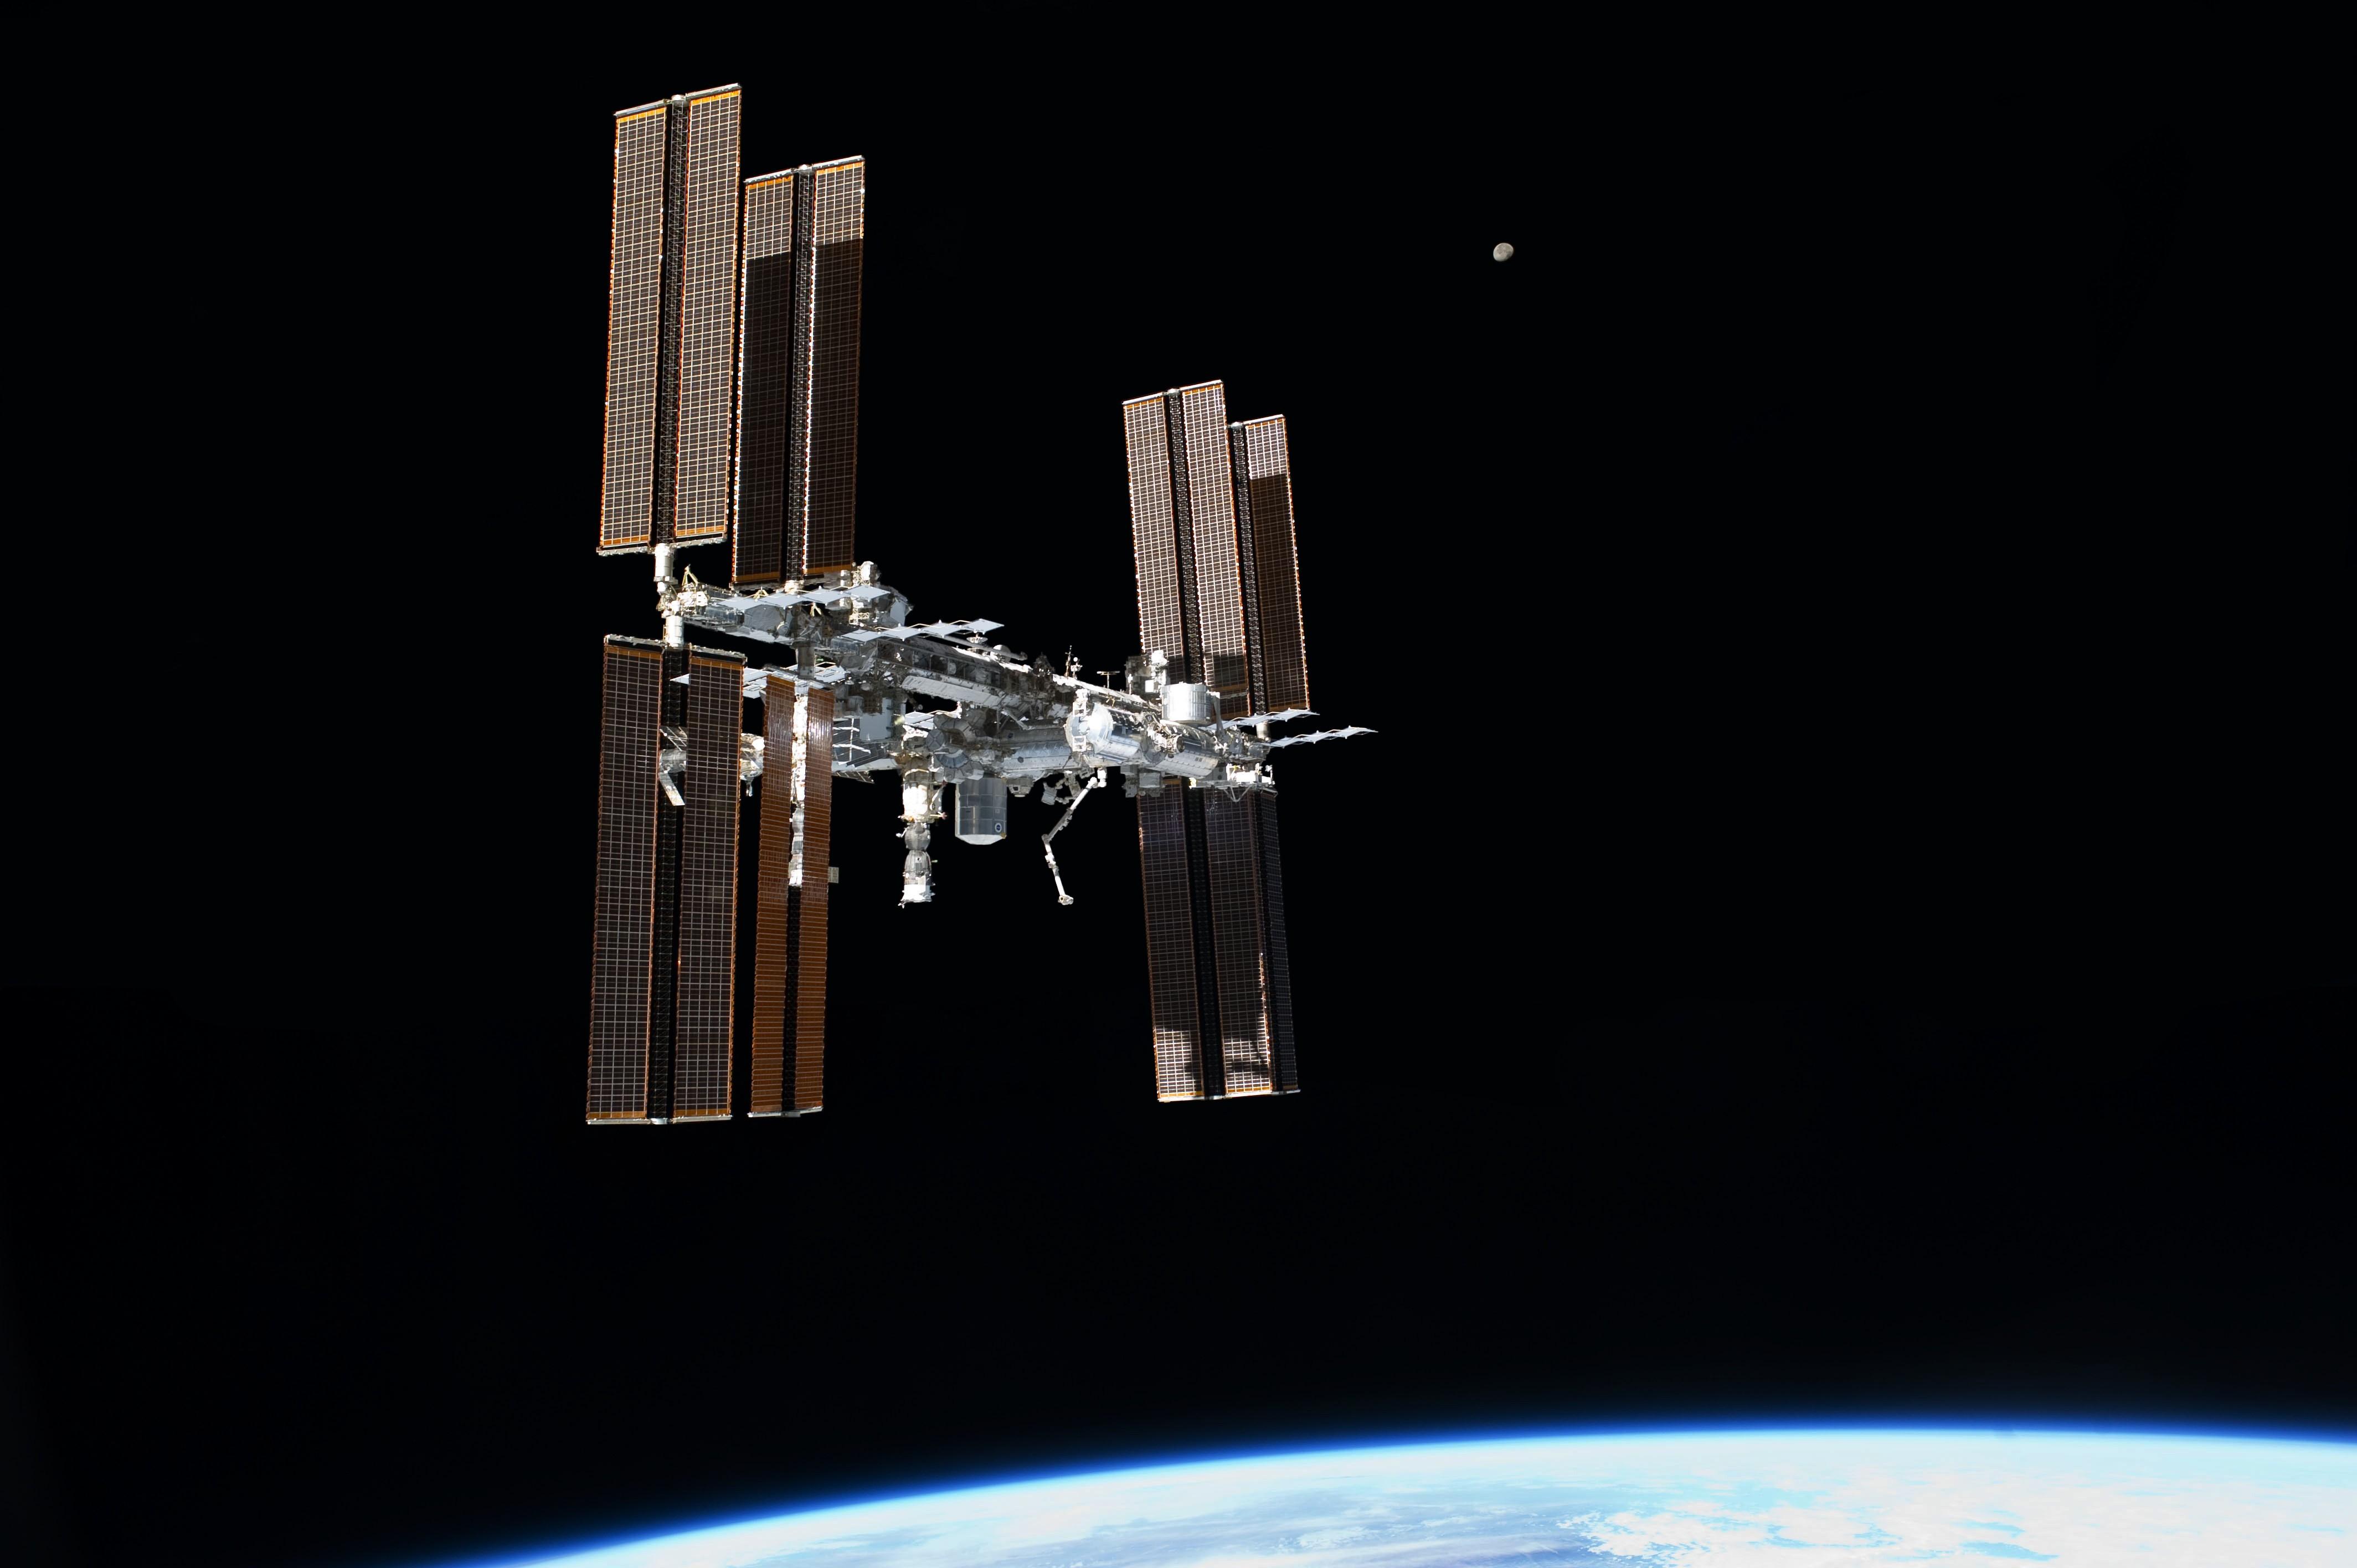 Estação Espacial Internacional (Foto: NASA)